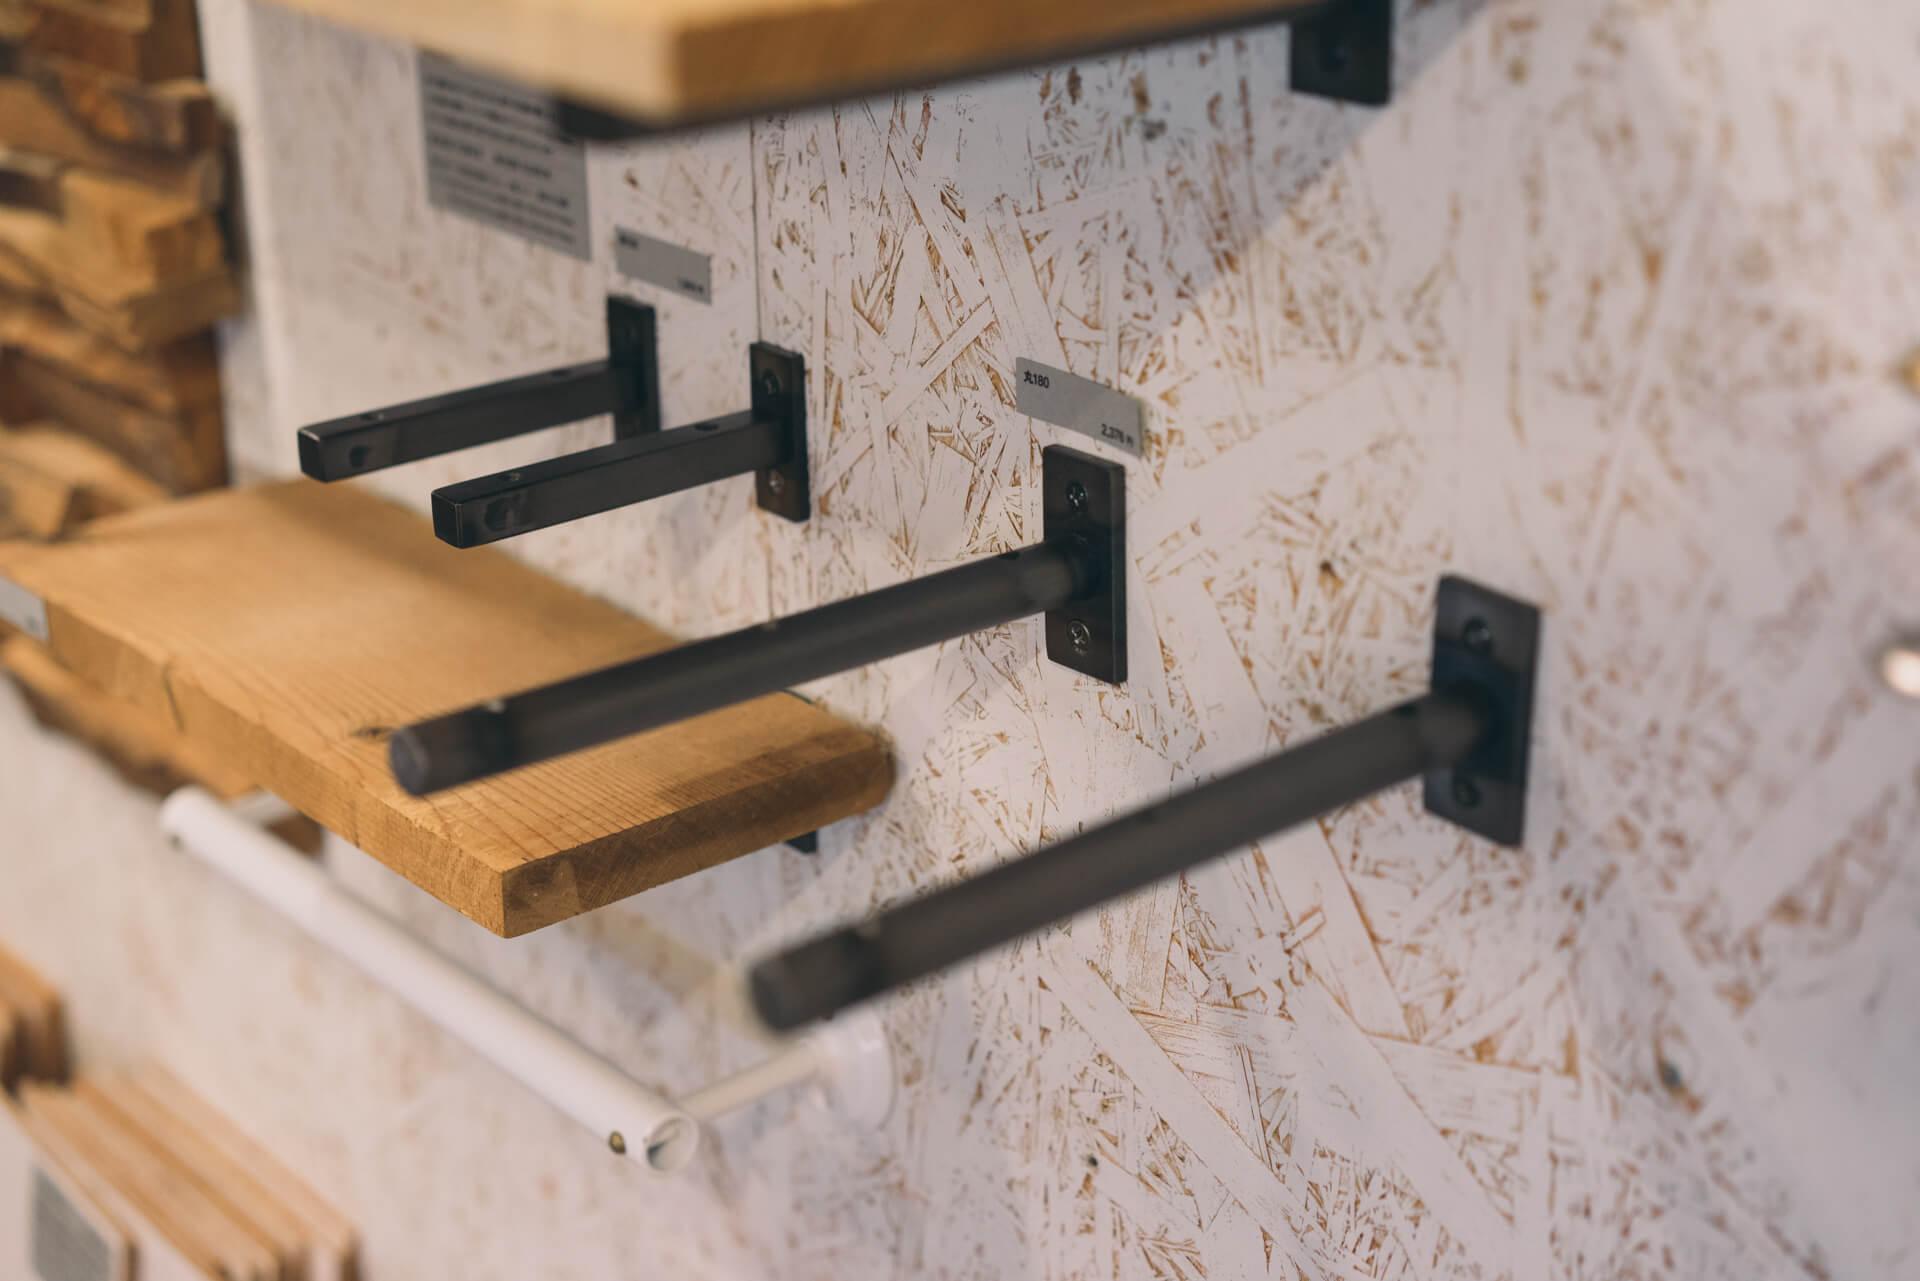 棚受けにもいろんな種類があります。こちらはミニマムなデザインが嬉しい棒棚受け。